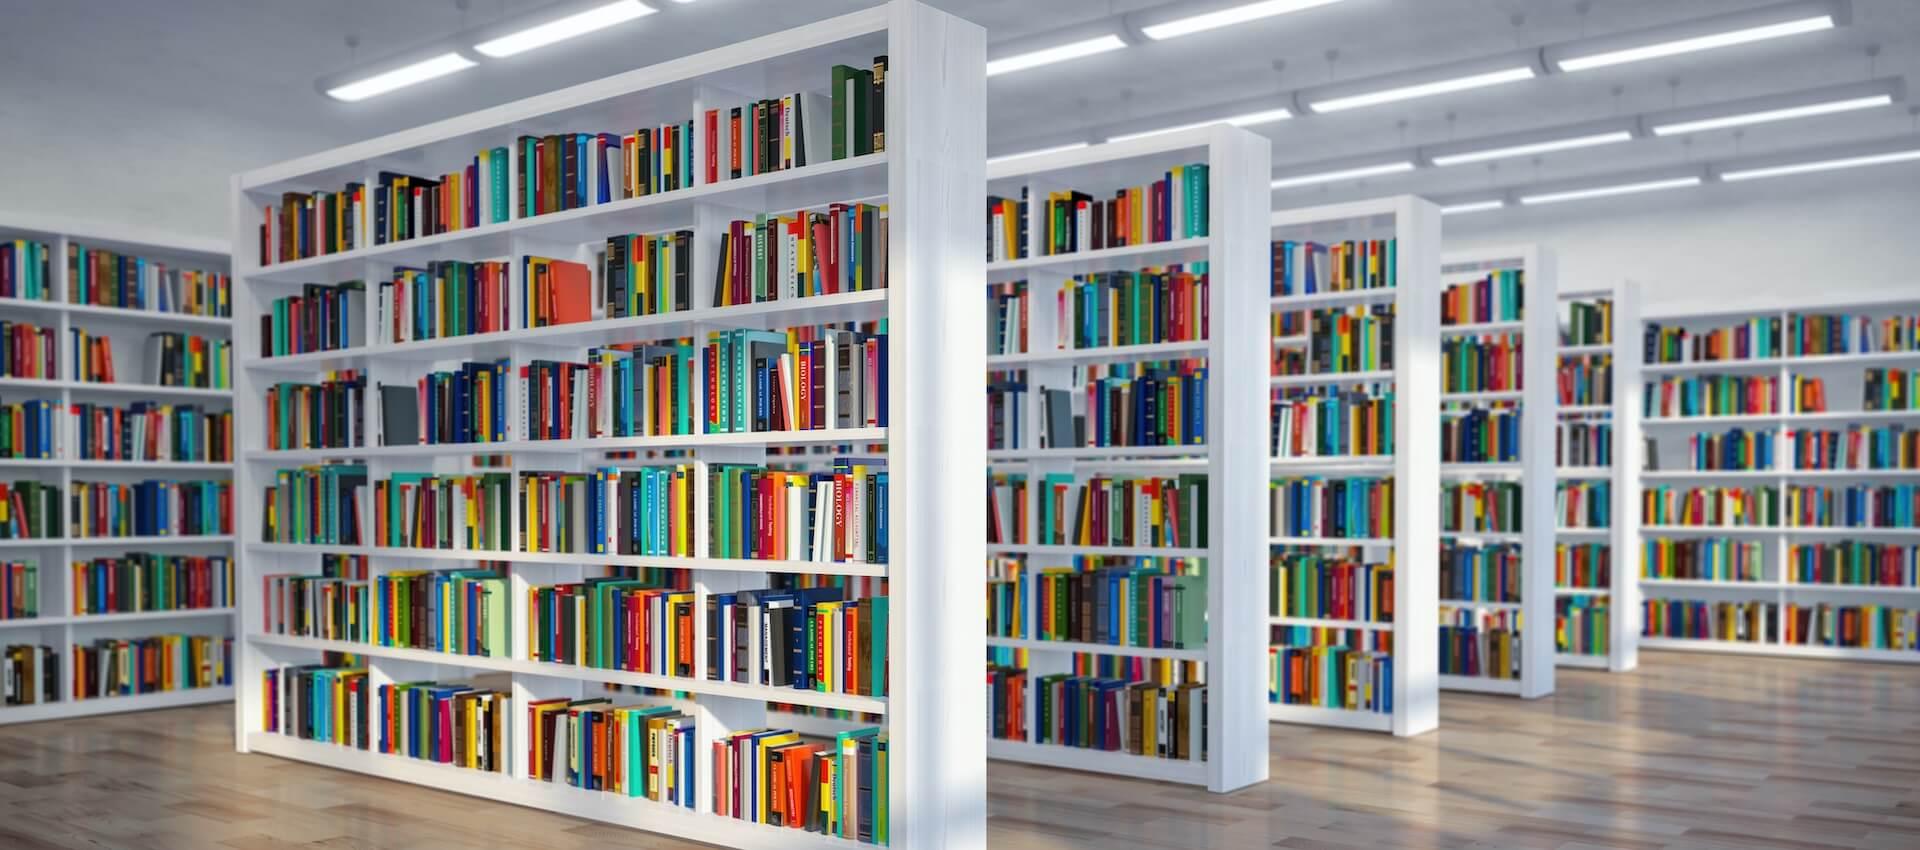 Foto einer Bibiliothek mit vielen Bücherregalen